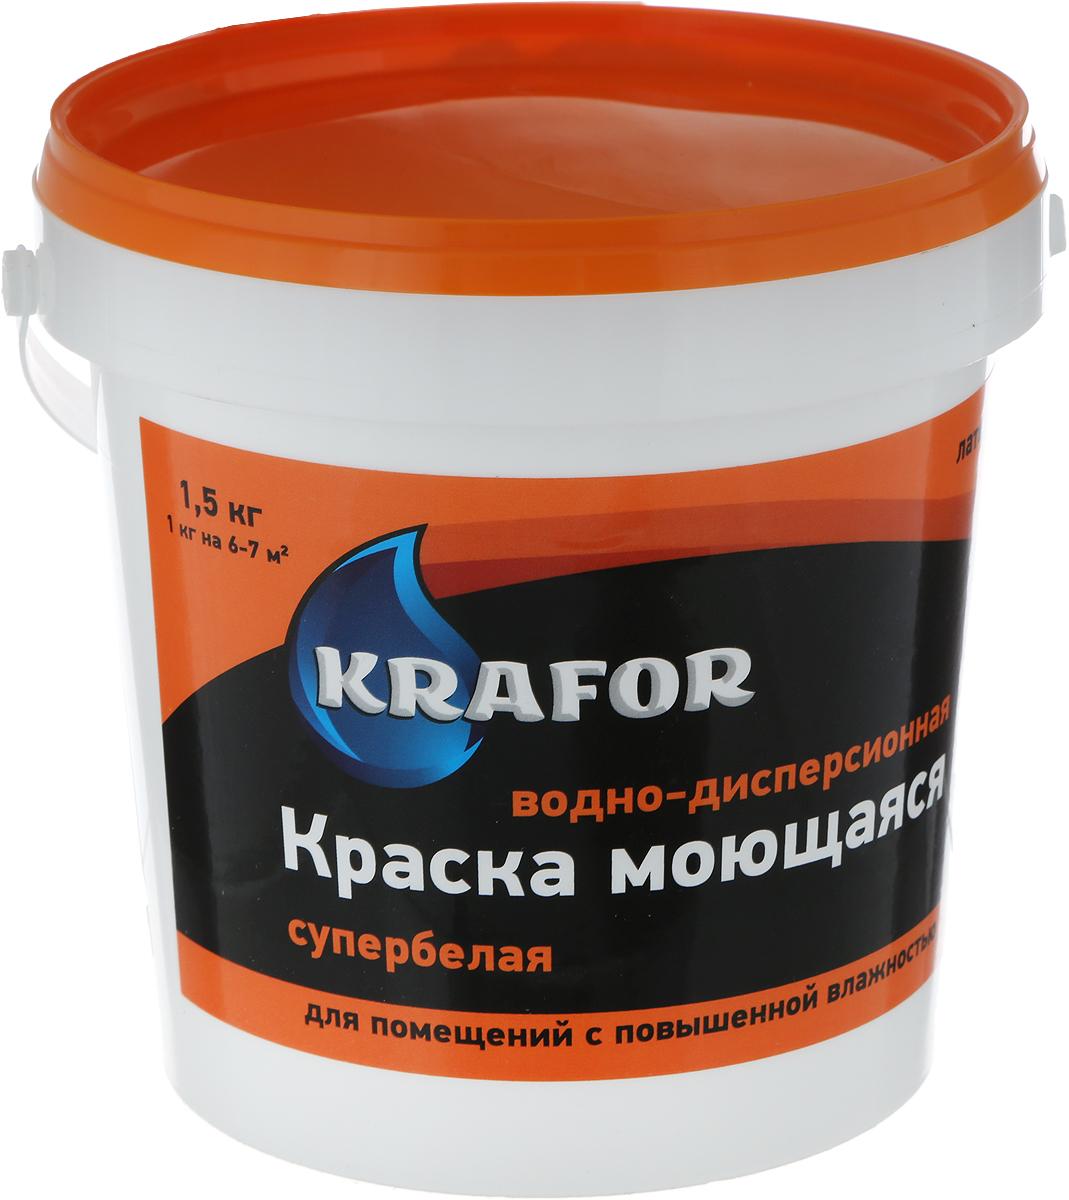 Краска водно-дисперсионная Krafor, латексная, моющаяся, цвет: белый, 1,5 кг935Высококачественная многофункциональная водно-дисперсионная краска для ответственных интерьерных работ. Краску можно наносить на обои, дерево, большинство минеральных оснований, включая бетон, газобетон, кирпич, гипсокартонные плиты, оштукатуренные, а также ранее окрашенные (но не глянцевые) и другие пористые поверхности. Образует износоустойчивое, влагостойкое покрытие, выдерживающее влажную уборку с применением моющих средств. Краску можно колеровать универсальными колеровочными пастами.Время высыхания между слоями 2 часа, поверхность готова к эксплуатации через 24 часа. Уважаемые клиенты! Обращаем ваше внимание на то, что упаковка может иметь несколько видов дизайна. Поставка осуществляется в зависимости от наличия на складе. Рекомендуем!